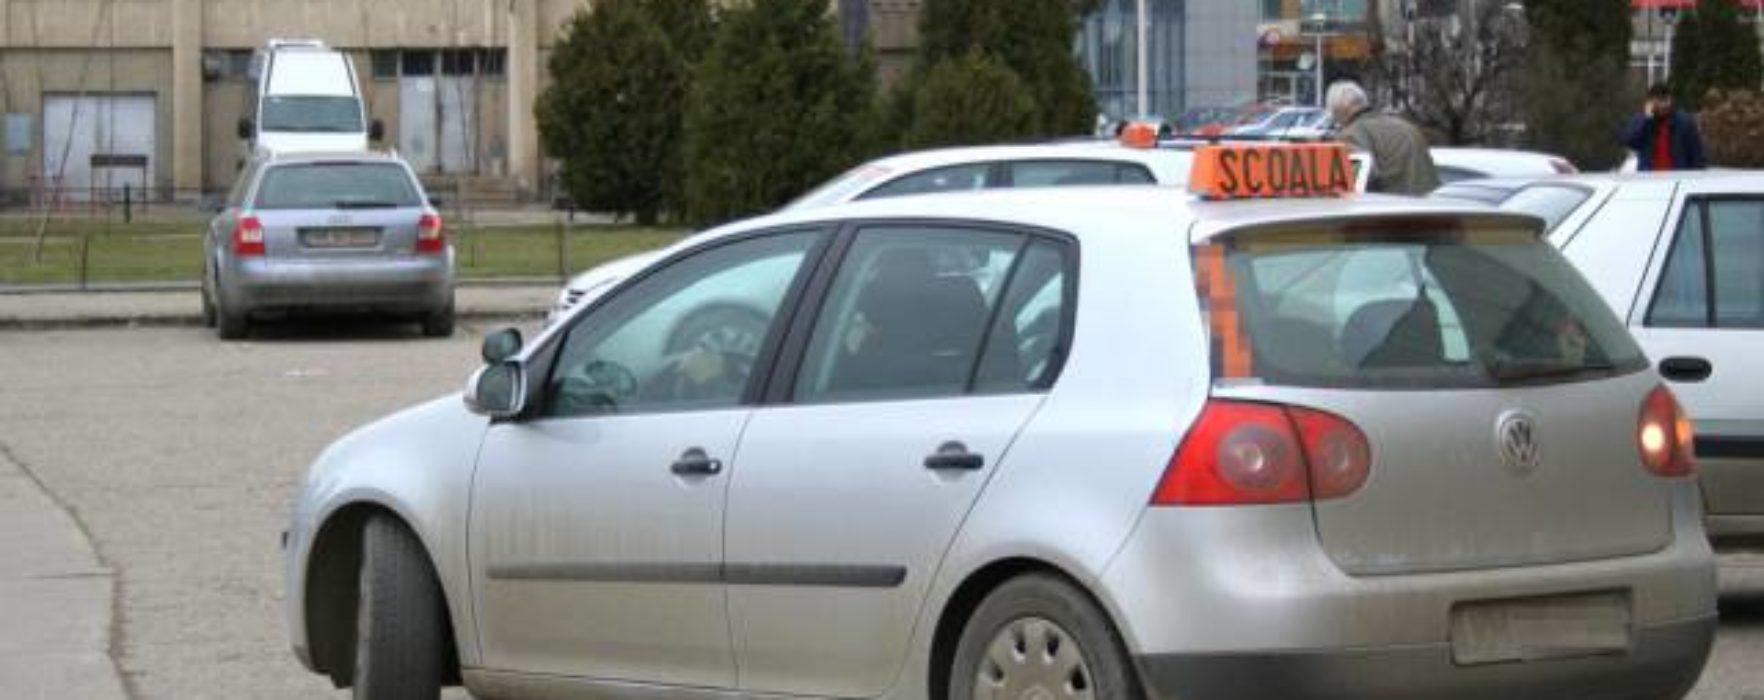 Examinarea pentru obţinerea permisului auto se suspendă pentru 30 de zile